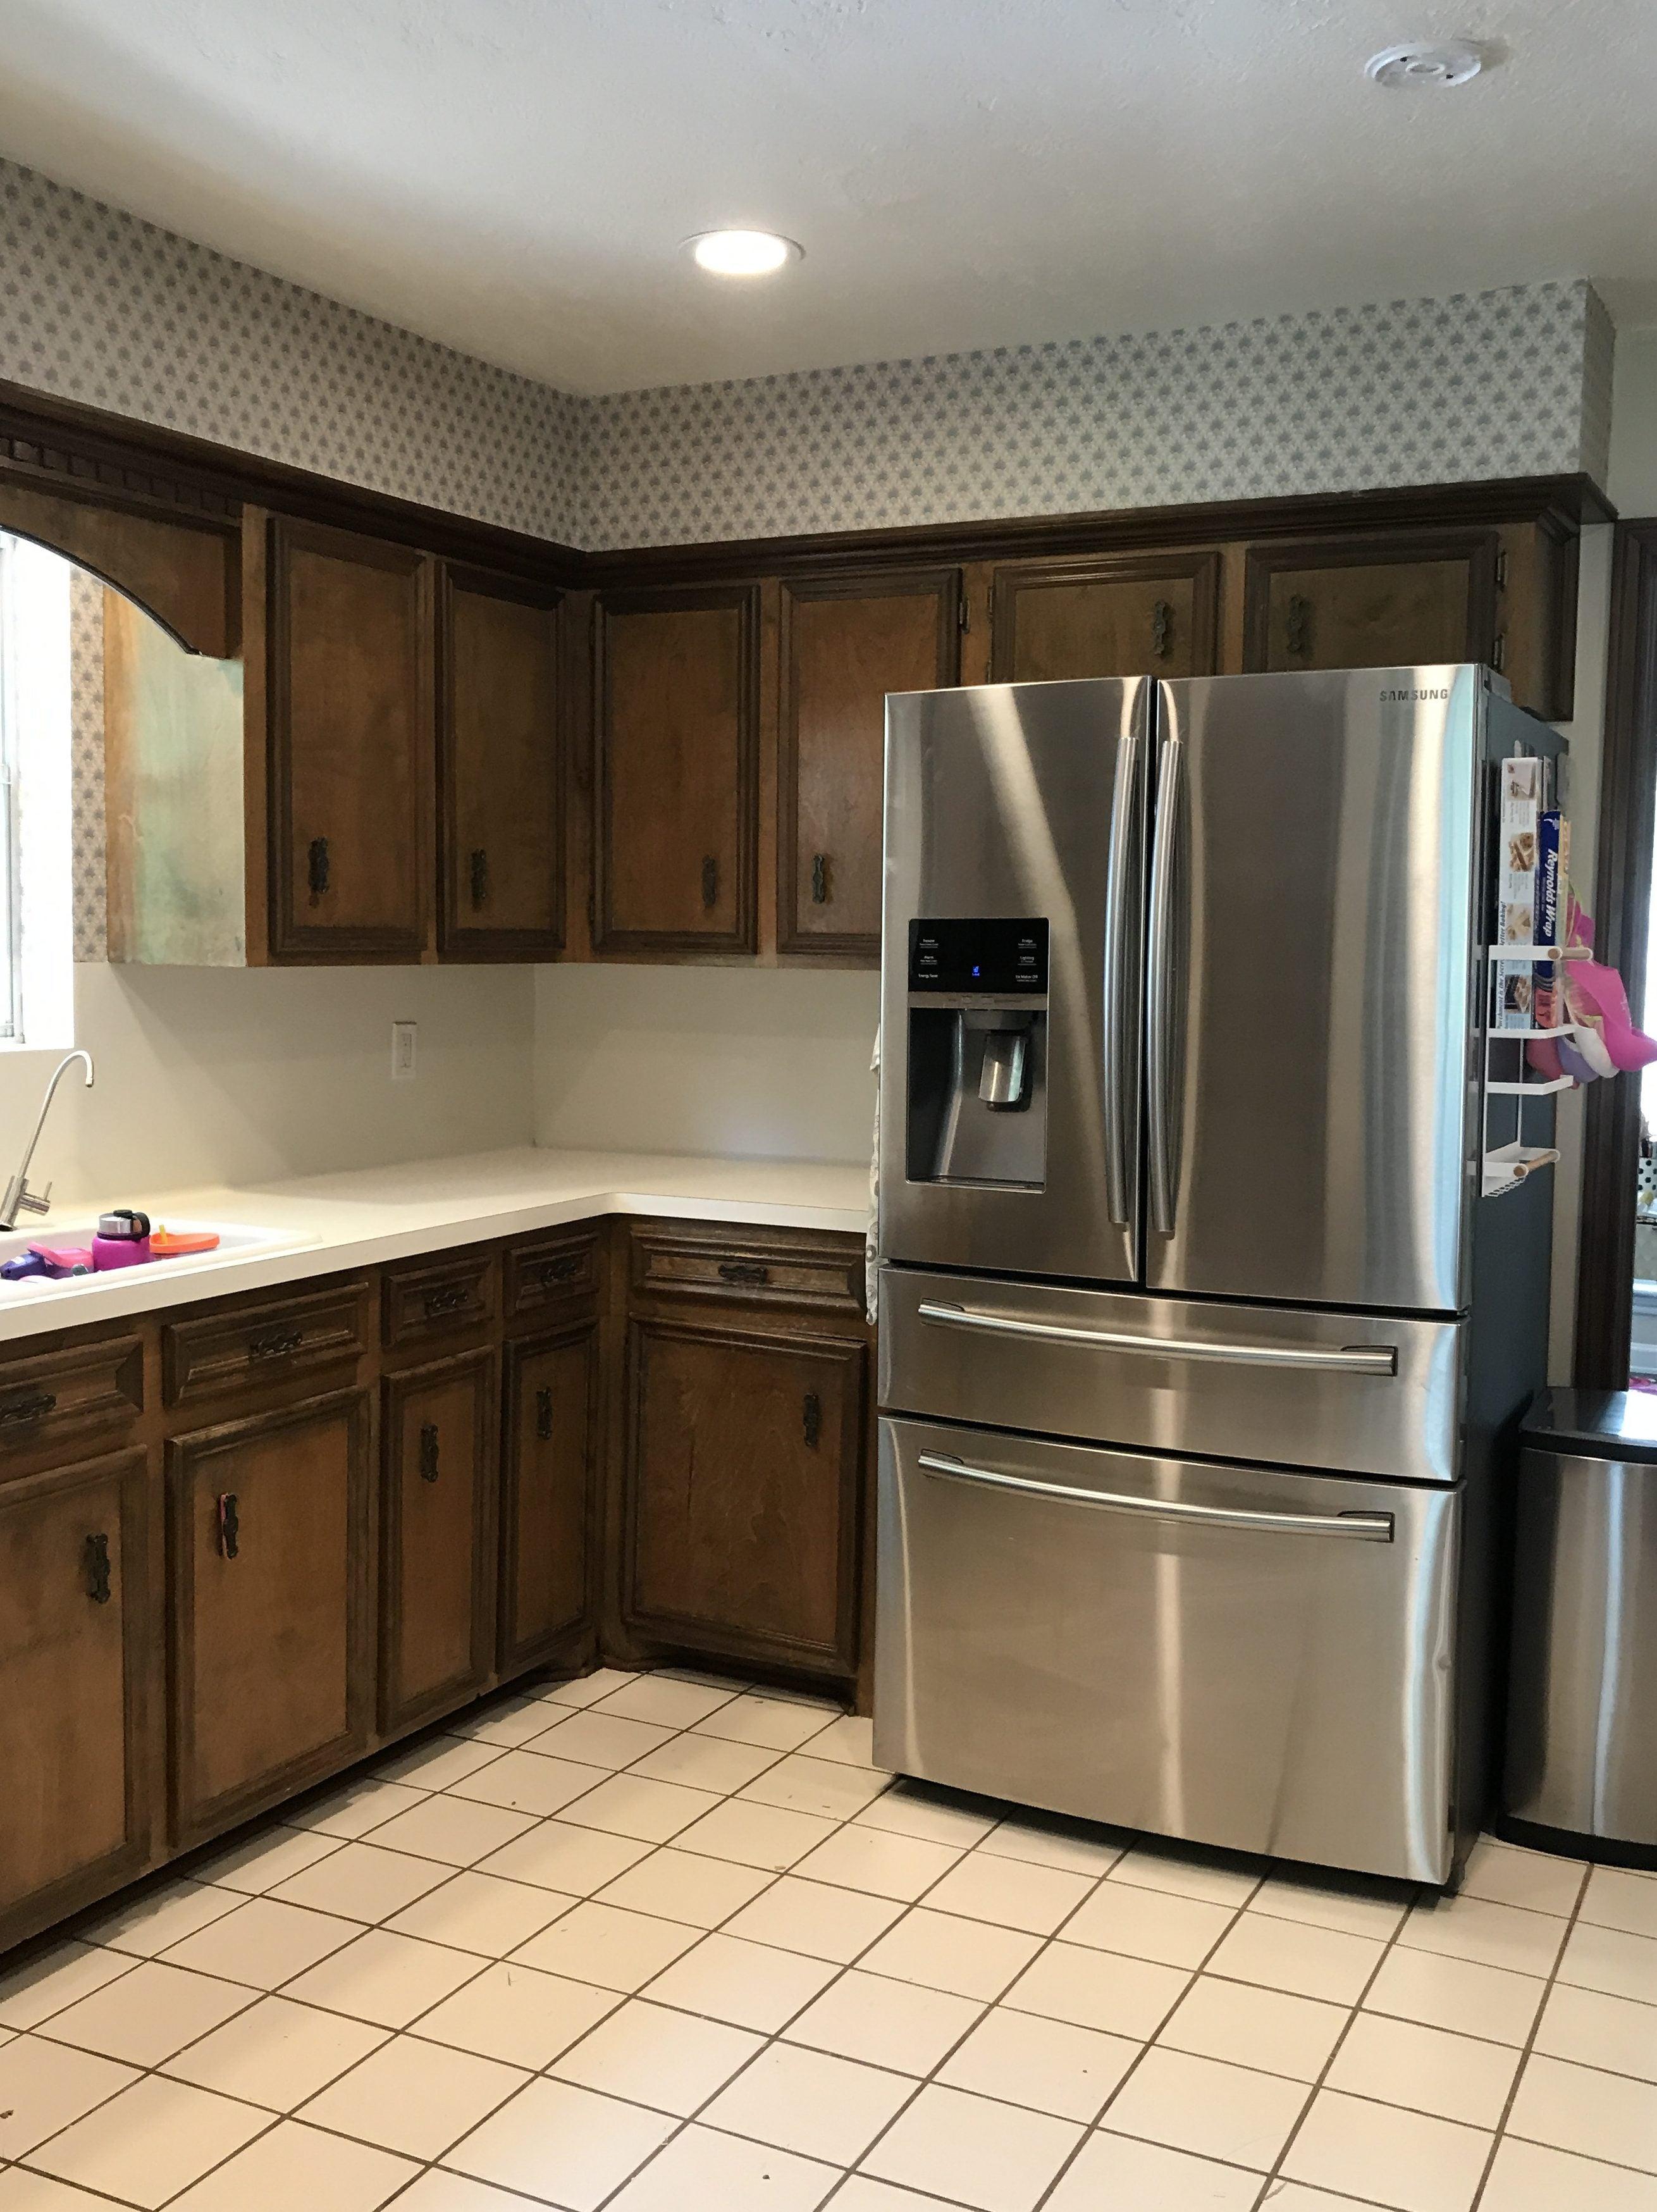 fridge in dated kitchen